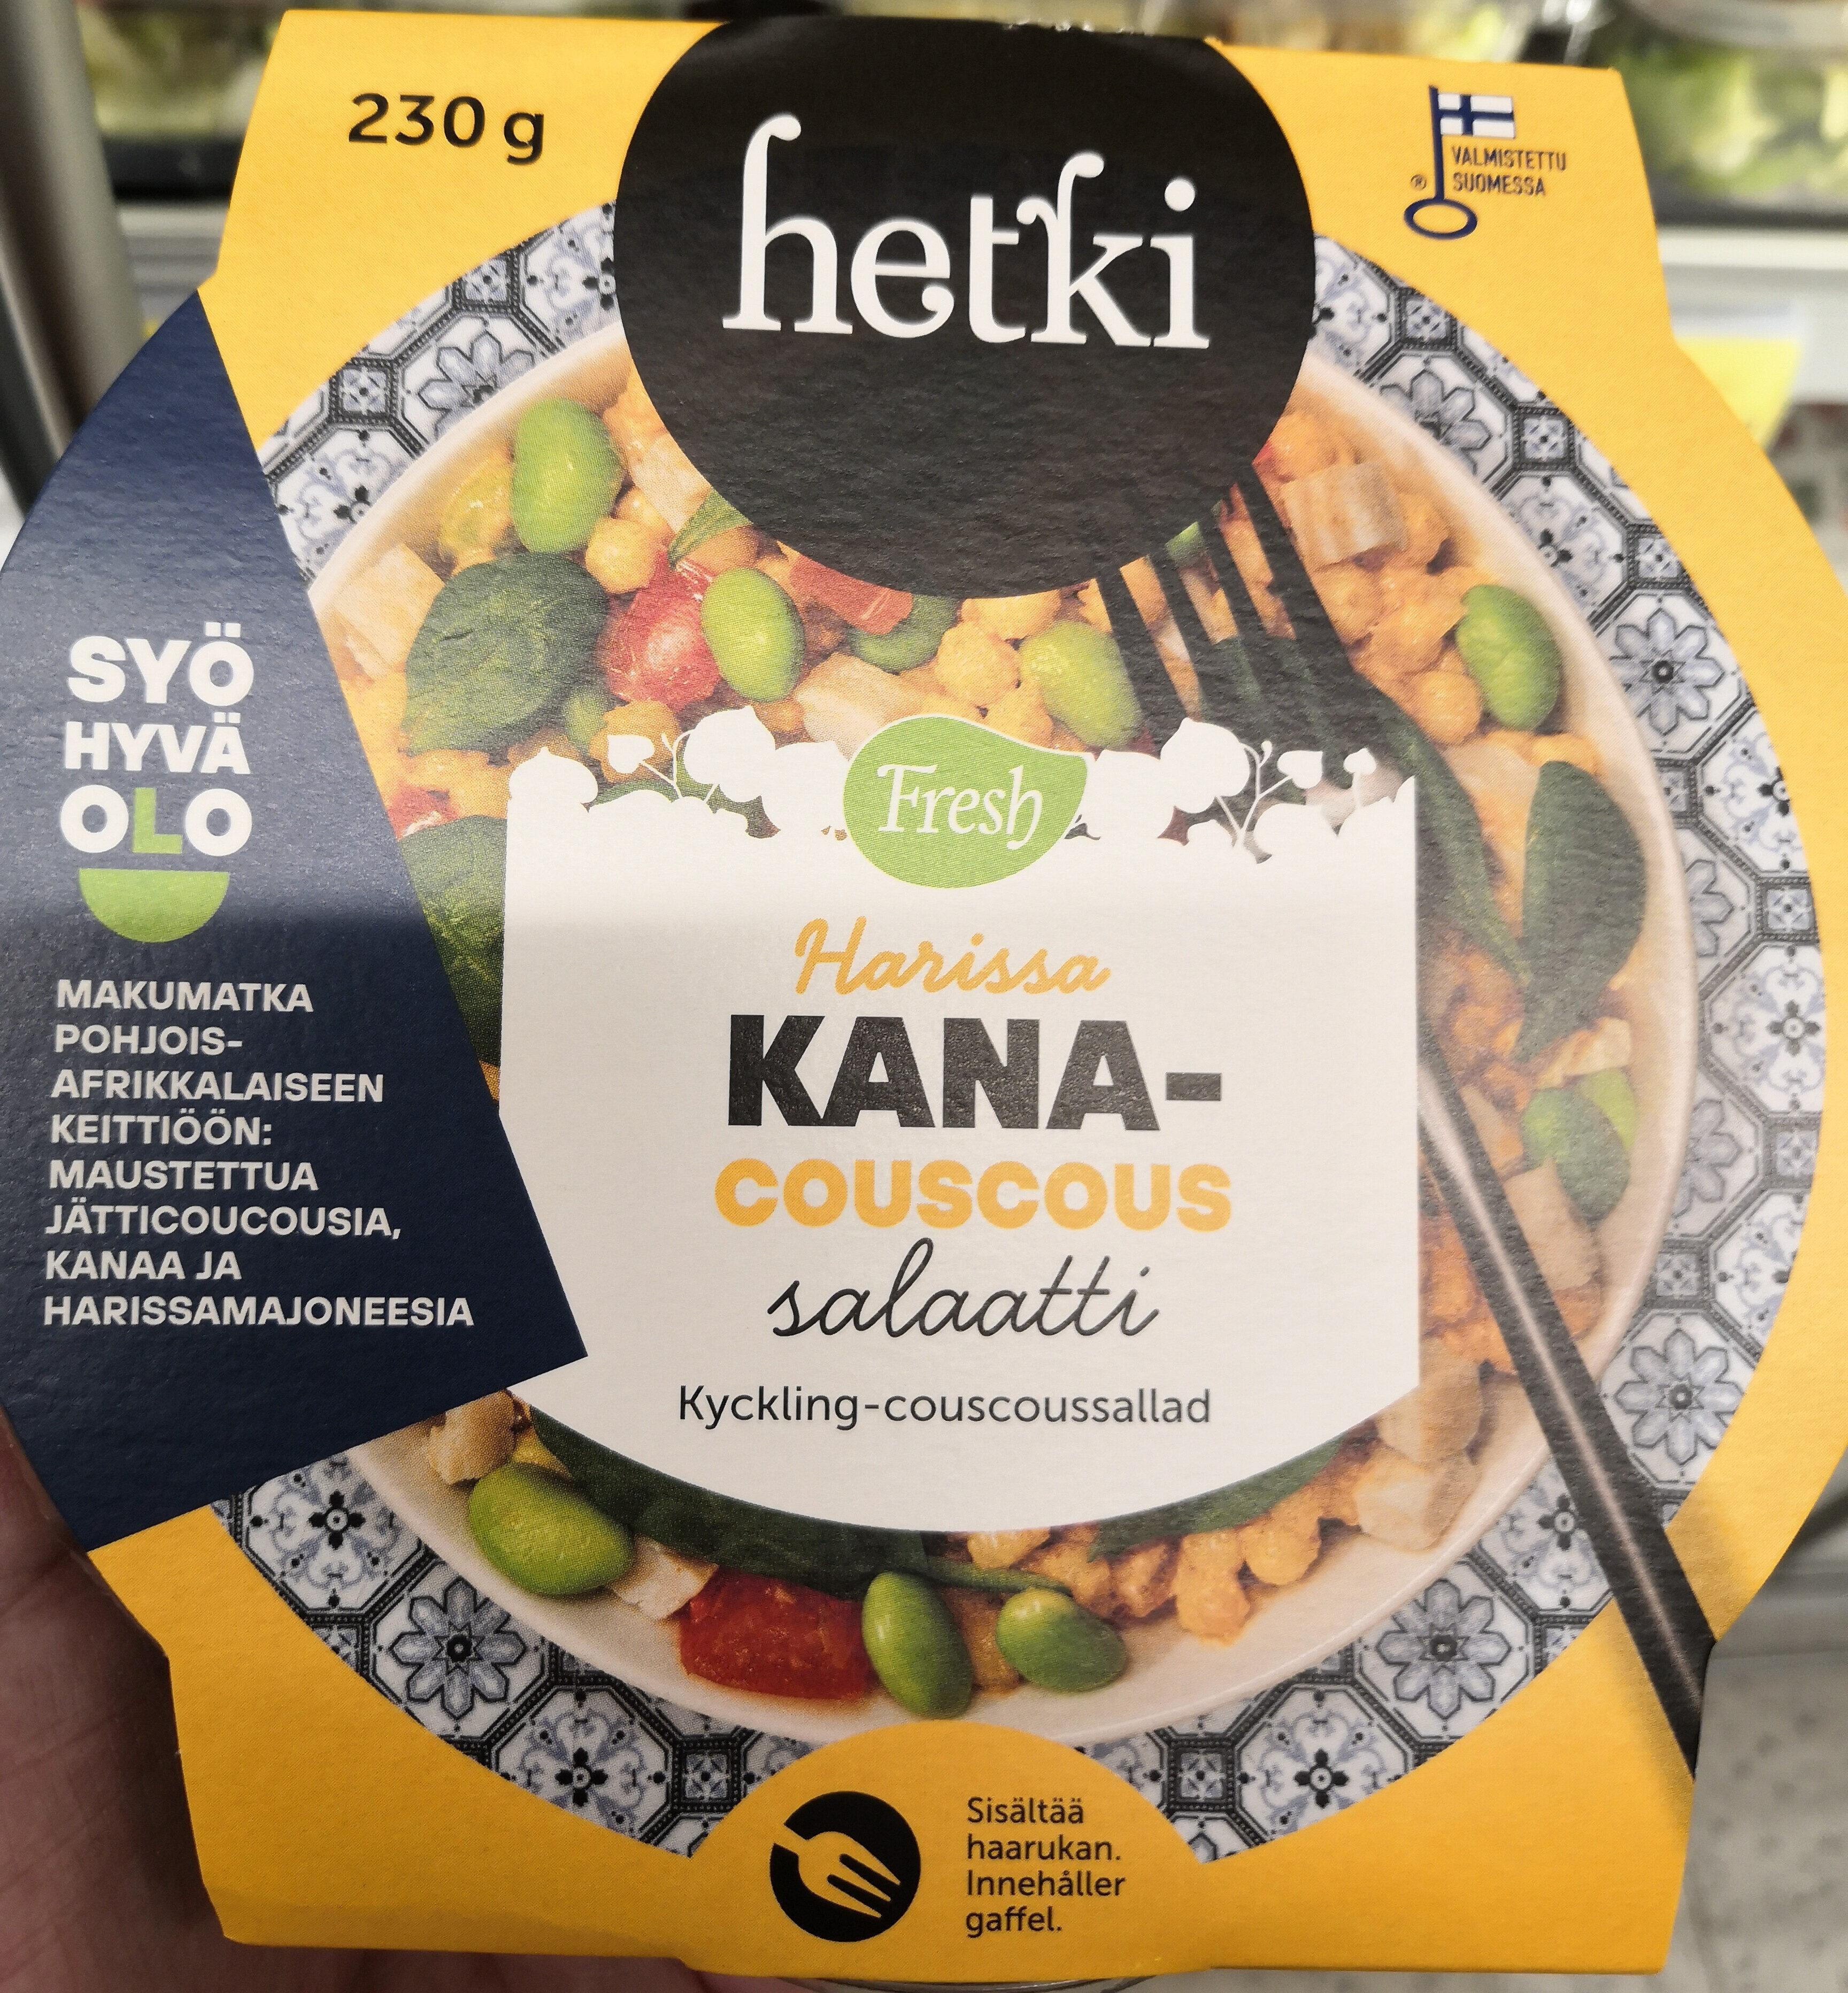 Harissa Kana-Couscoussalaatti - Product - fi